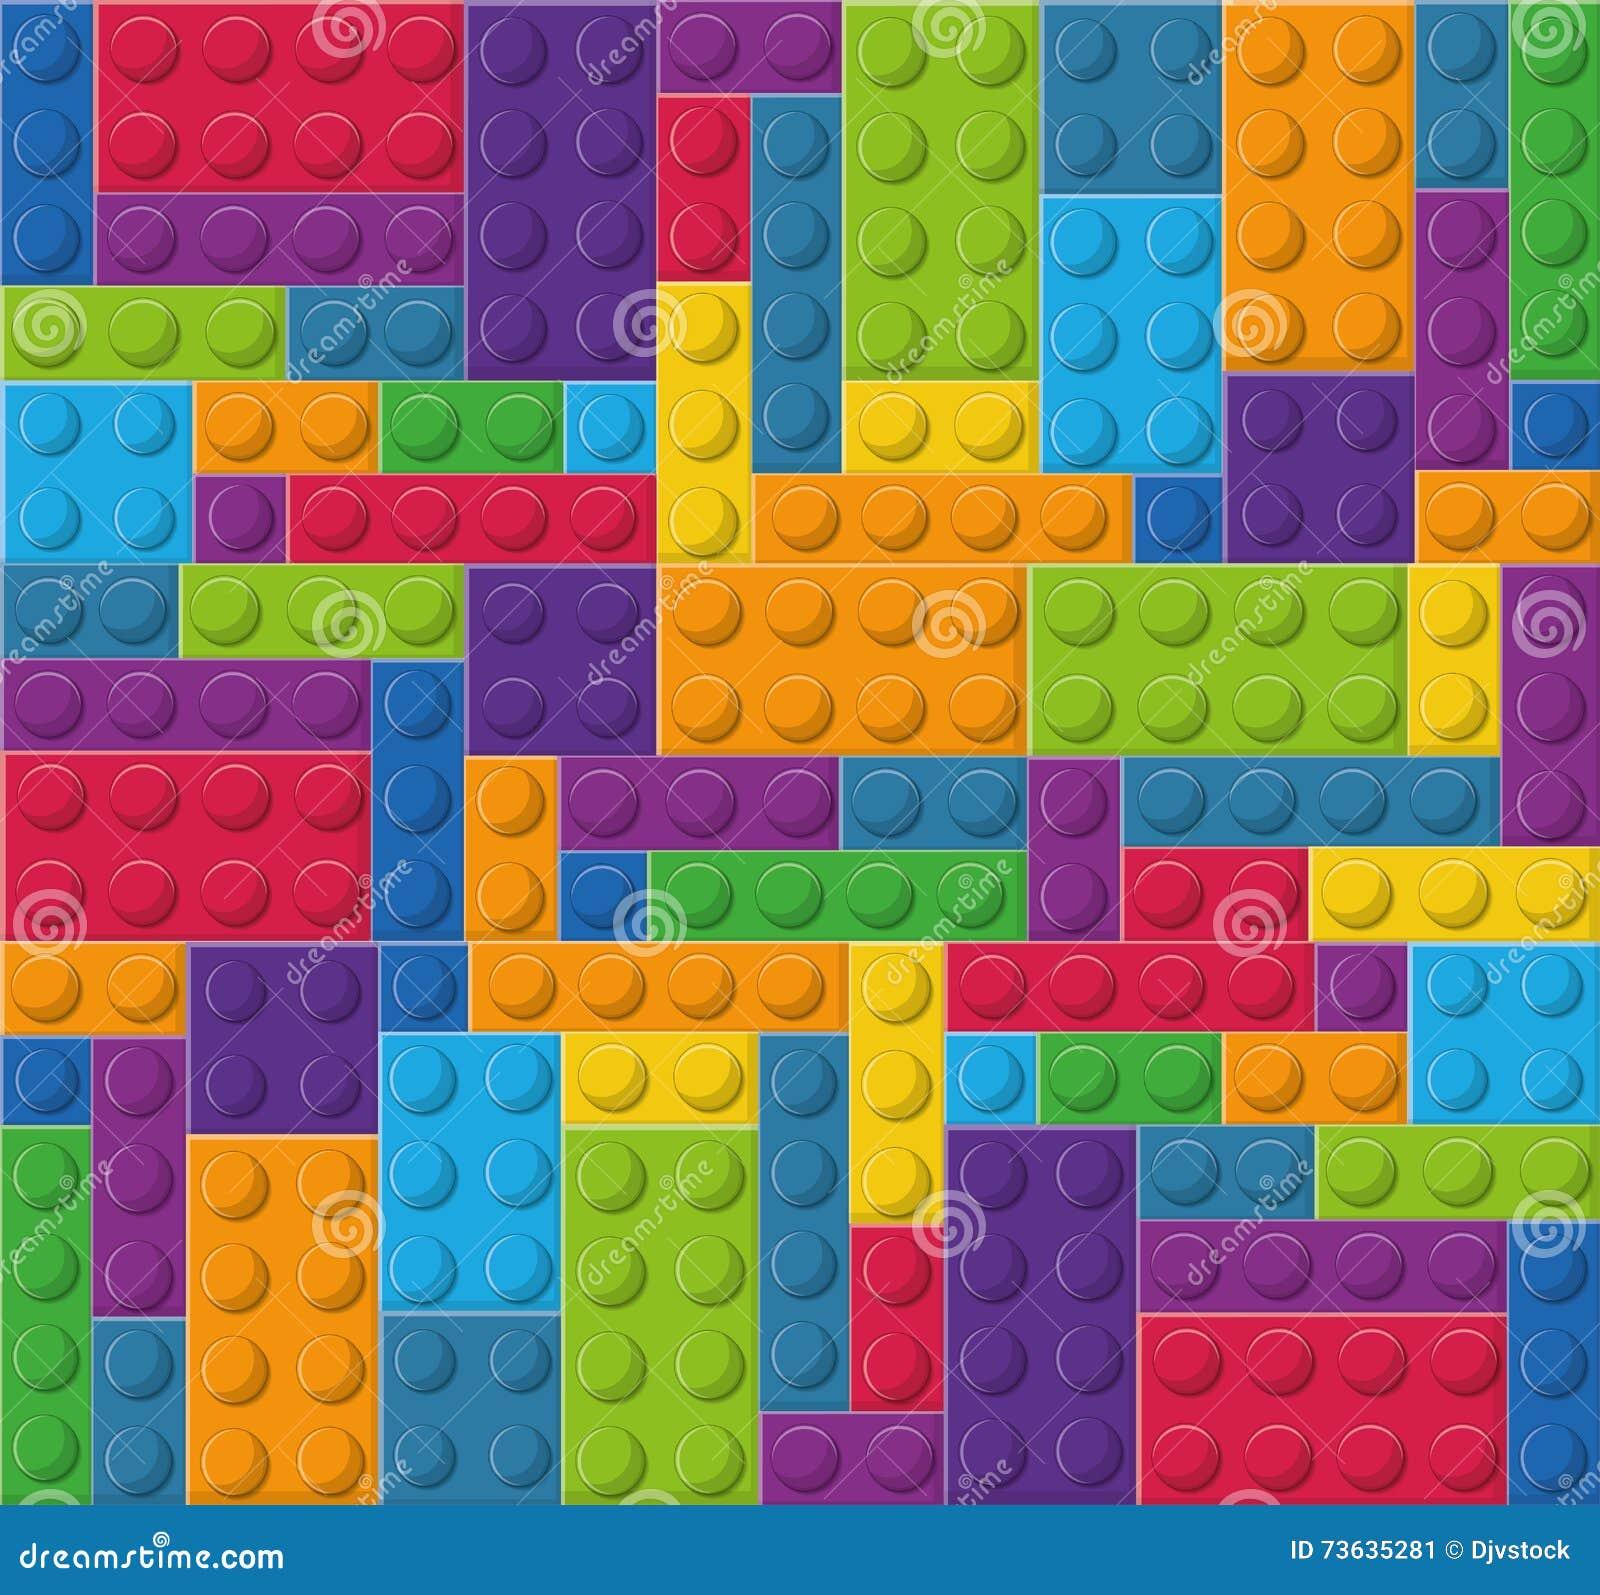 Εικονίδιο Lego Αφηρημένος αριθμός σαν διανυσματικά κύματα στροβίλου ανασκόπησης διακοσμητικά γραφικά τυποποιημένα